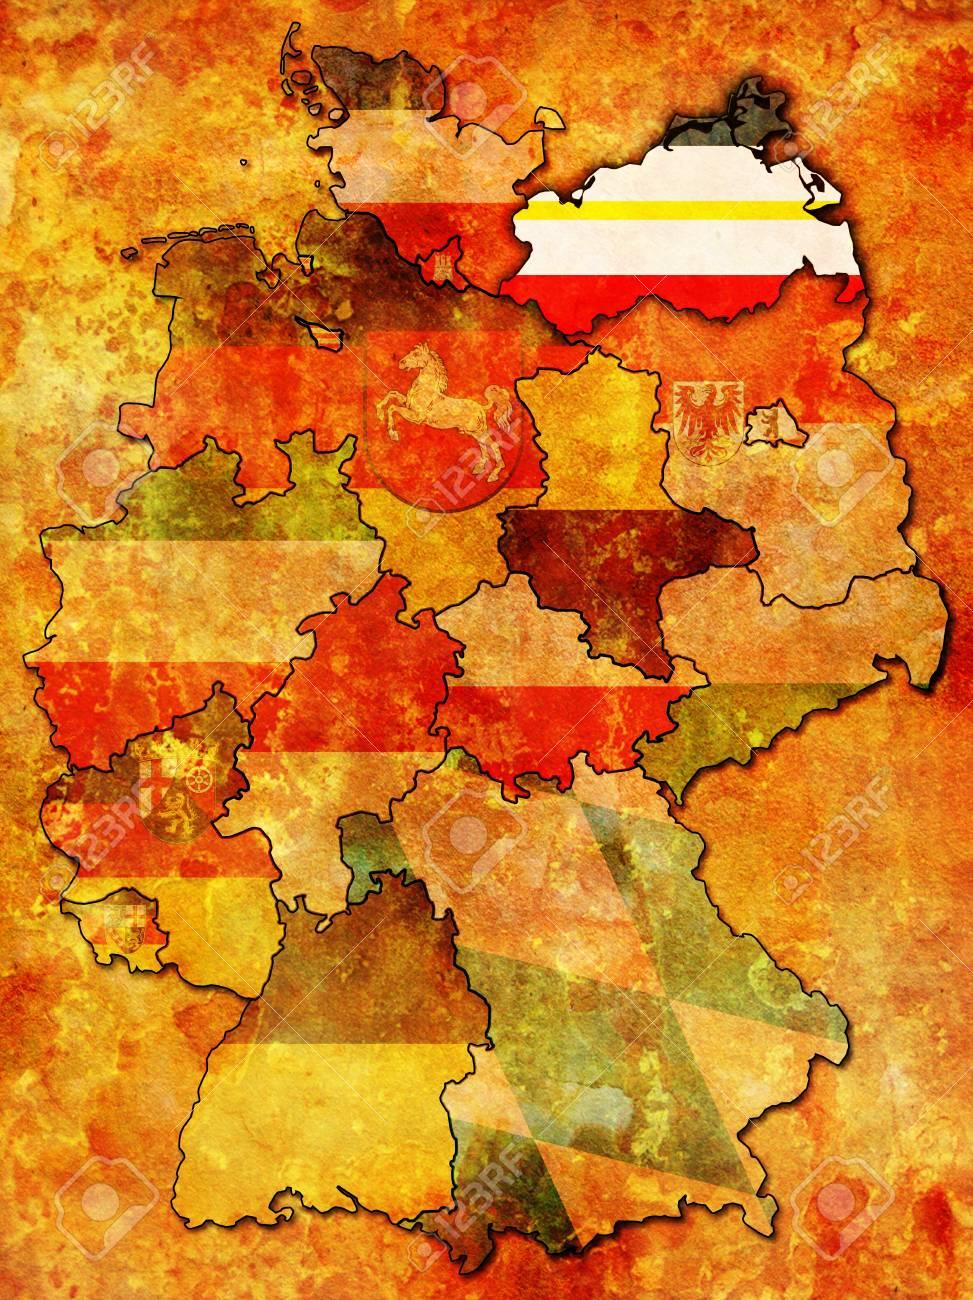 Mecklenburg Vorpommern Op Oude Administratie Kaart Van Duitse